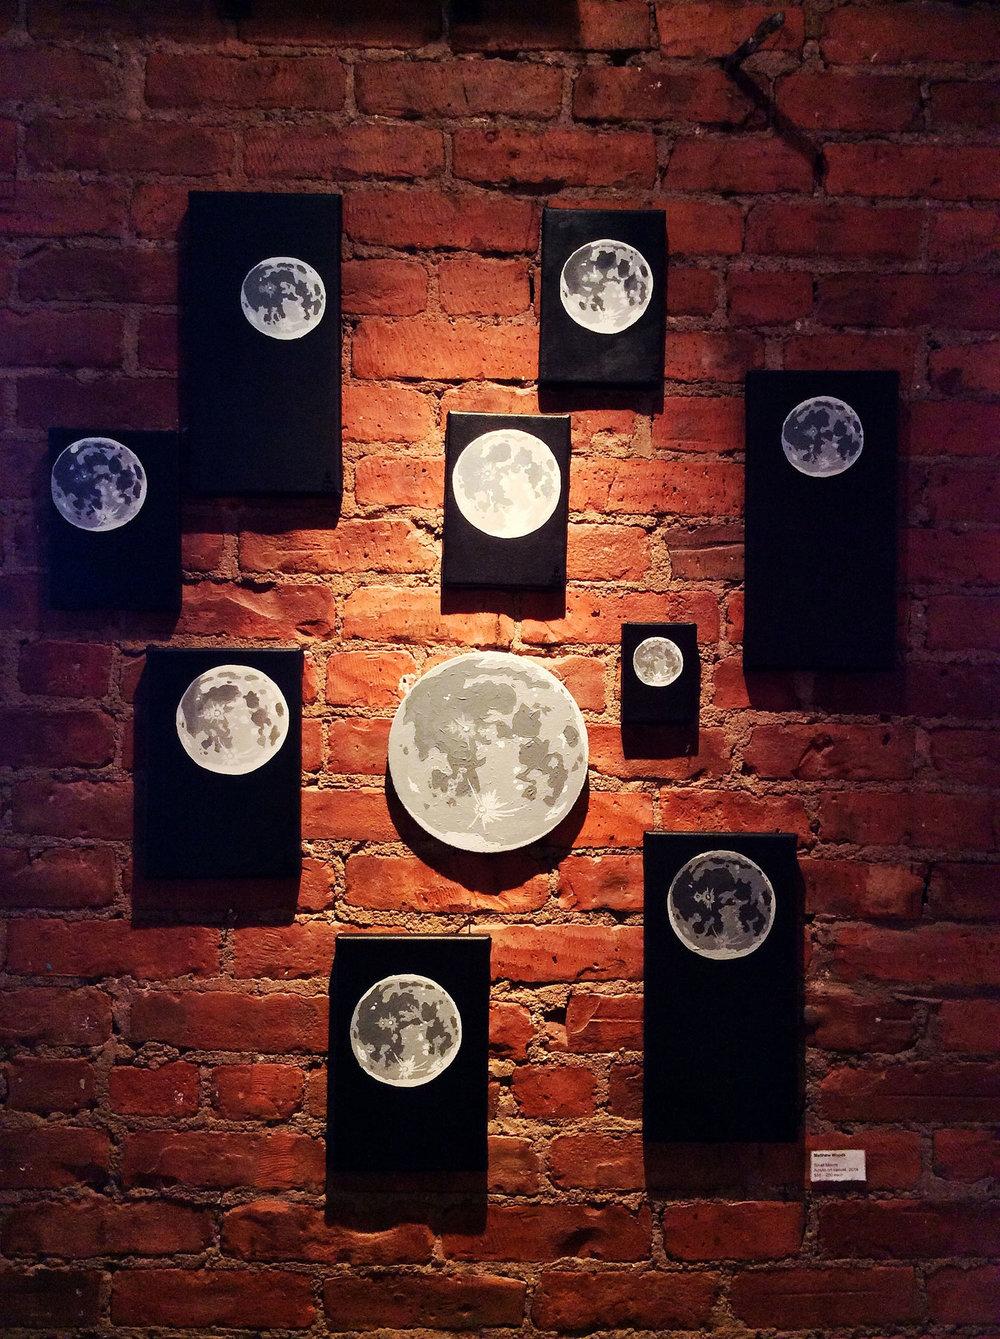 full-moon-lunar-paintings-brick-gallery-wall-matthew-woods.jpg